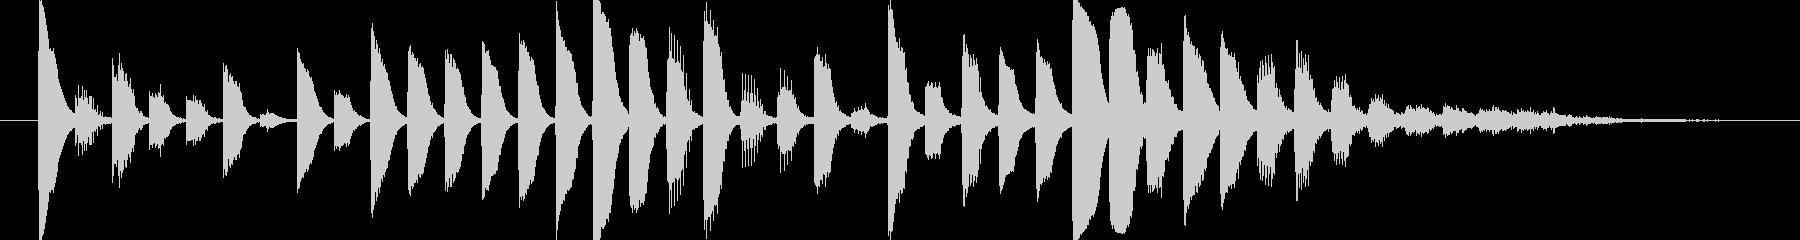 デジタルなアイキャッチの未再生の波形